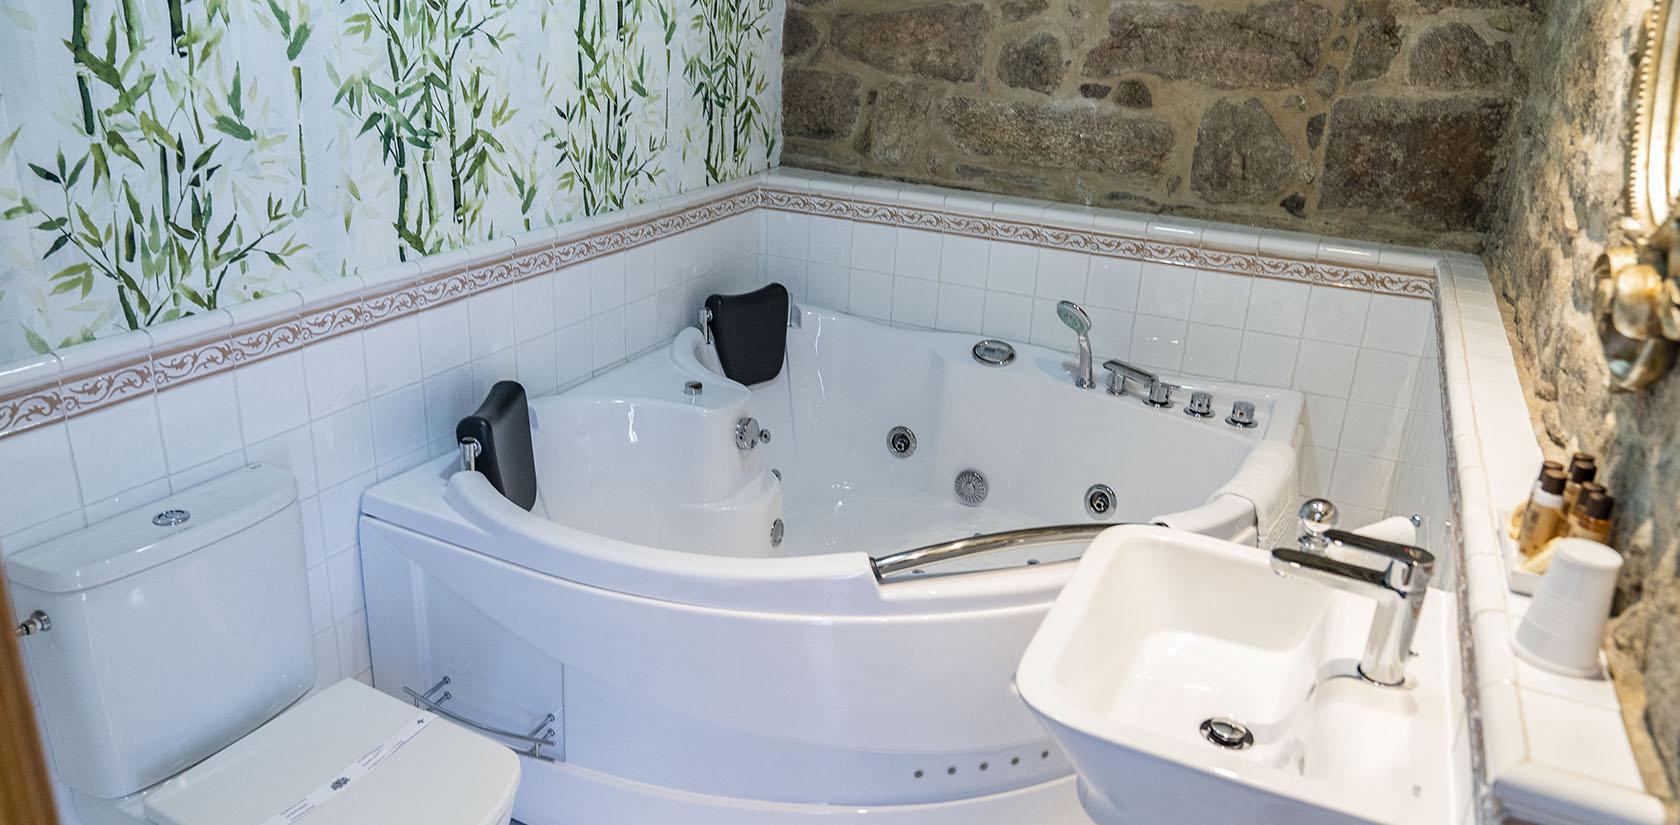 Habitación Cortegada, detalle del baño con su bañera de hidromasaje